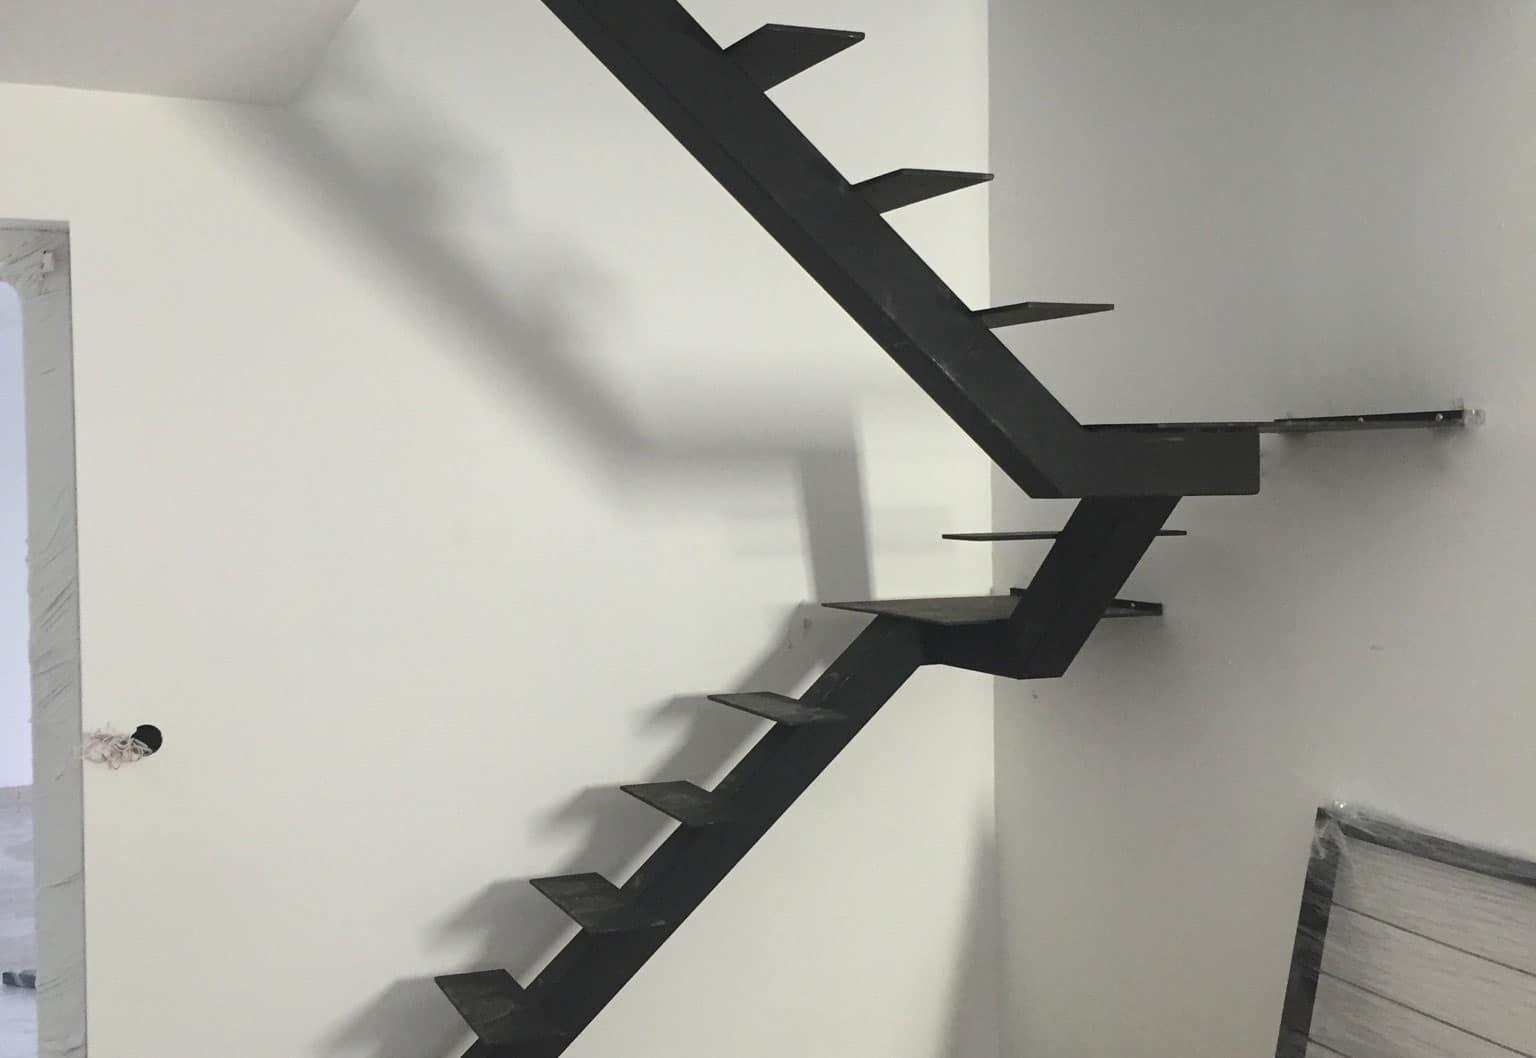 escalier-contemporain-jacoby - Escalier JACOBY